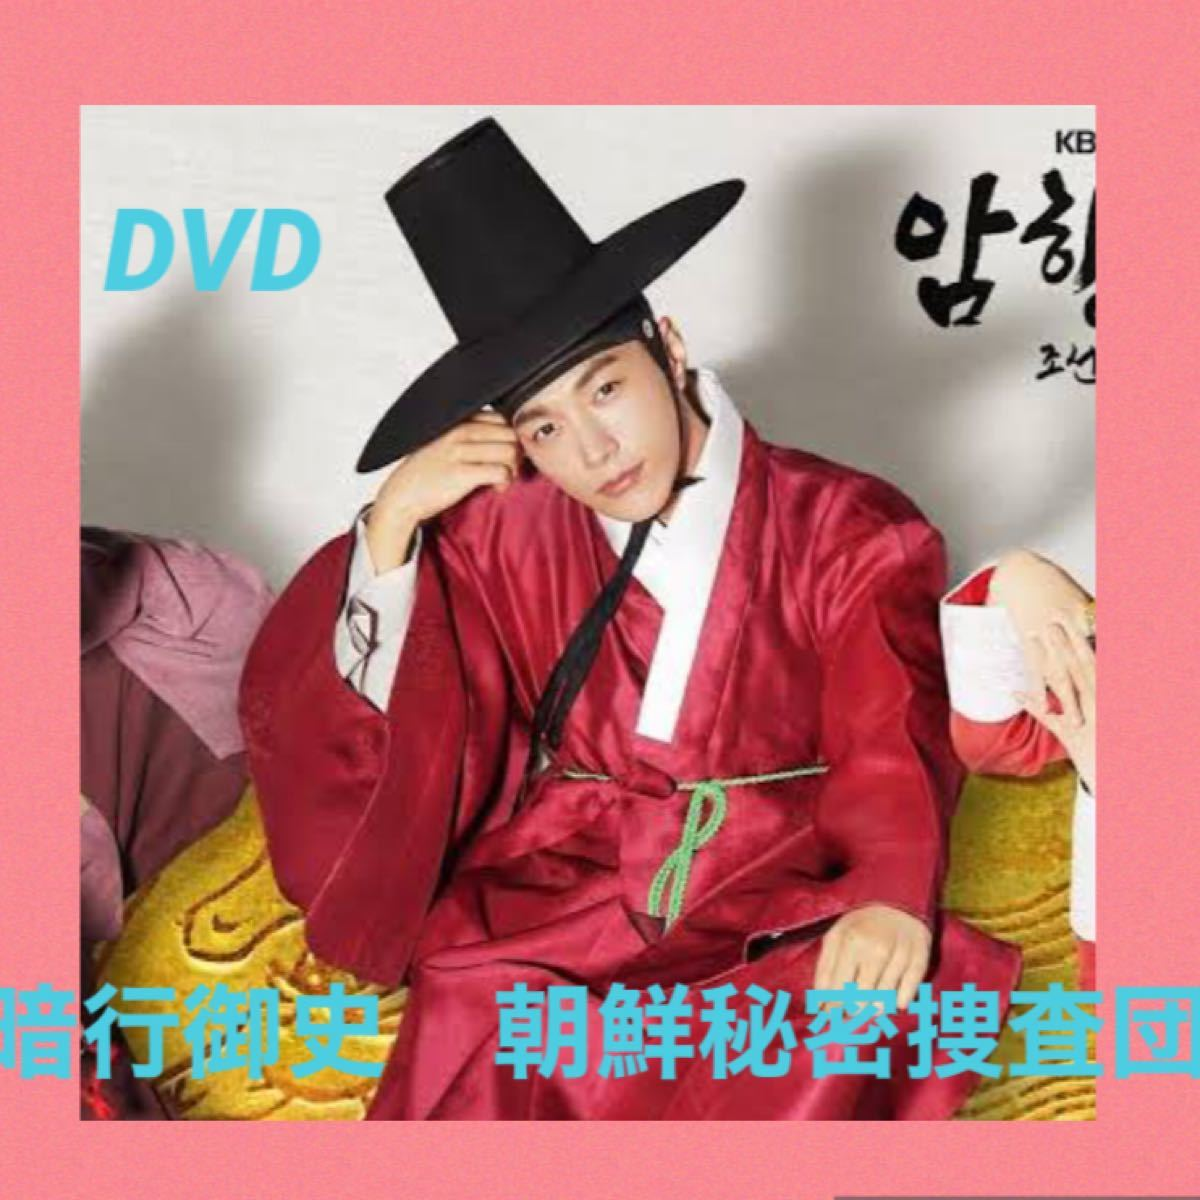 韓国ドラマ 暗行御史 朝鮮秘密捜査団 DVD全話【レーベル印刷あり】